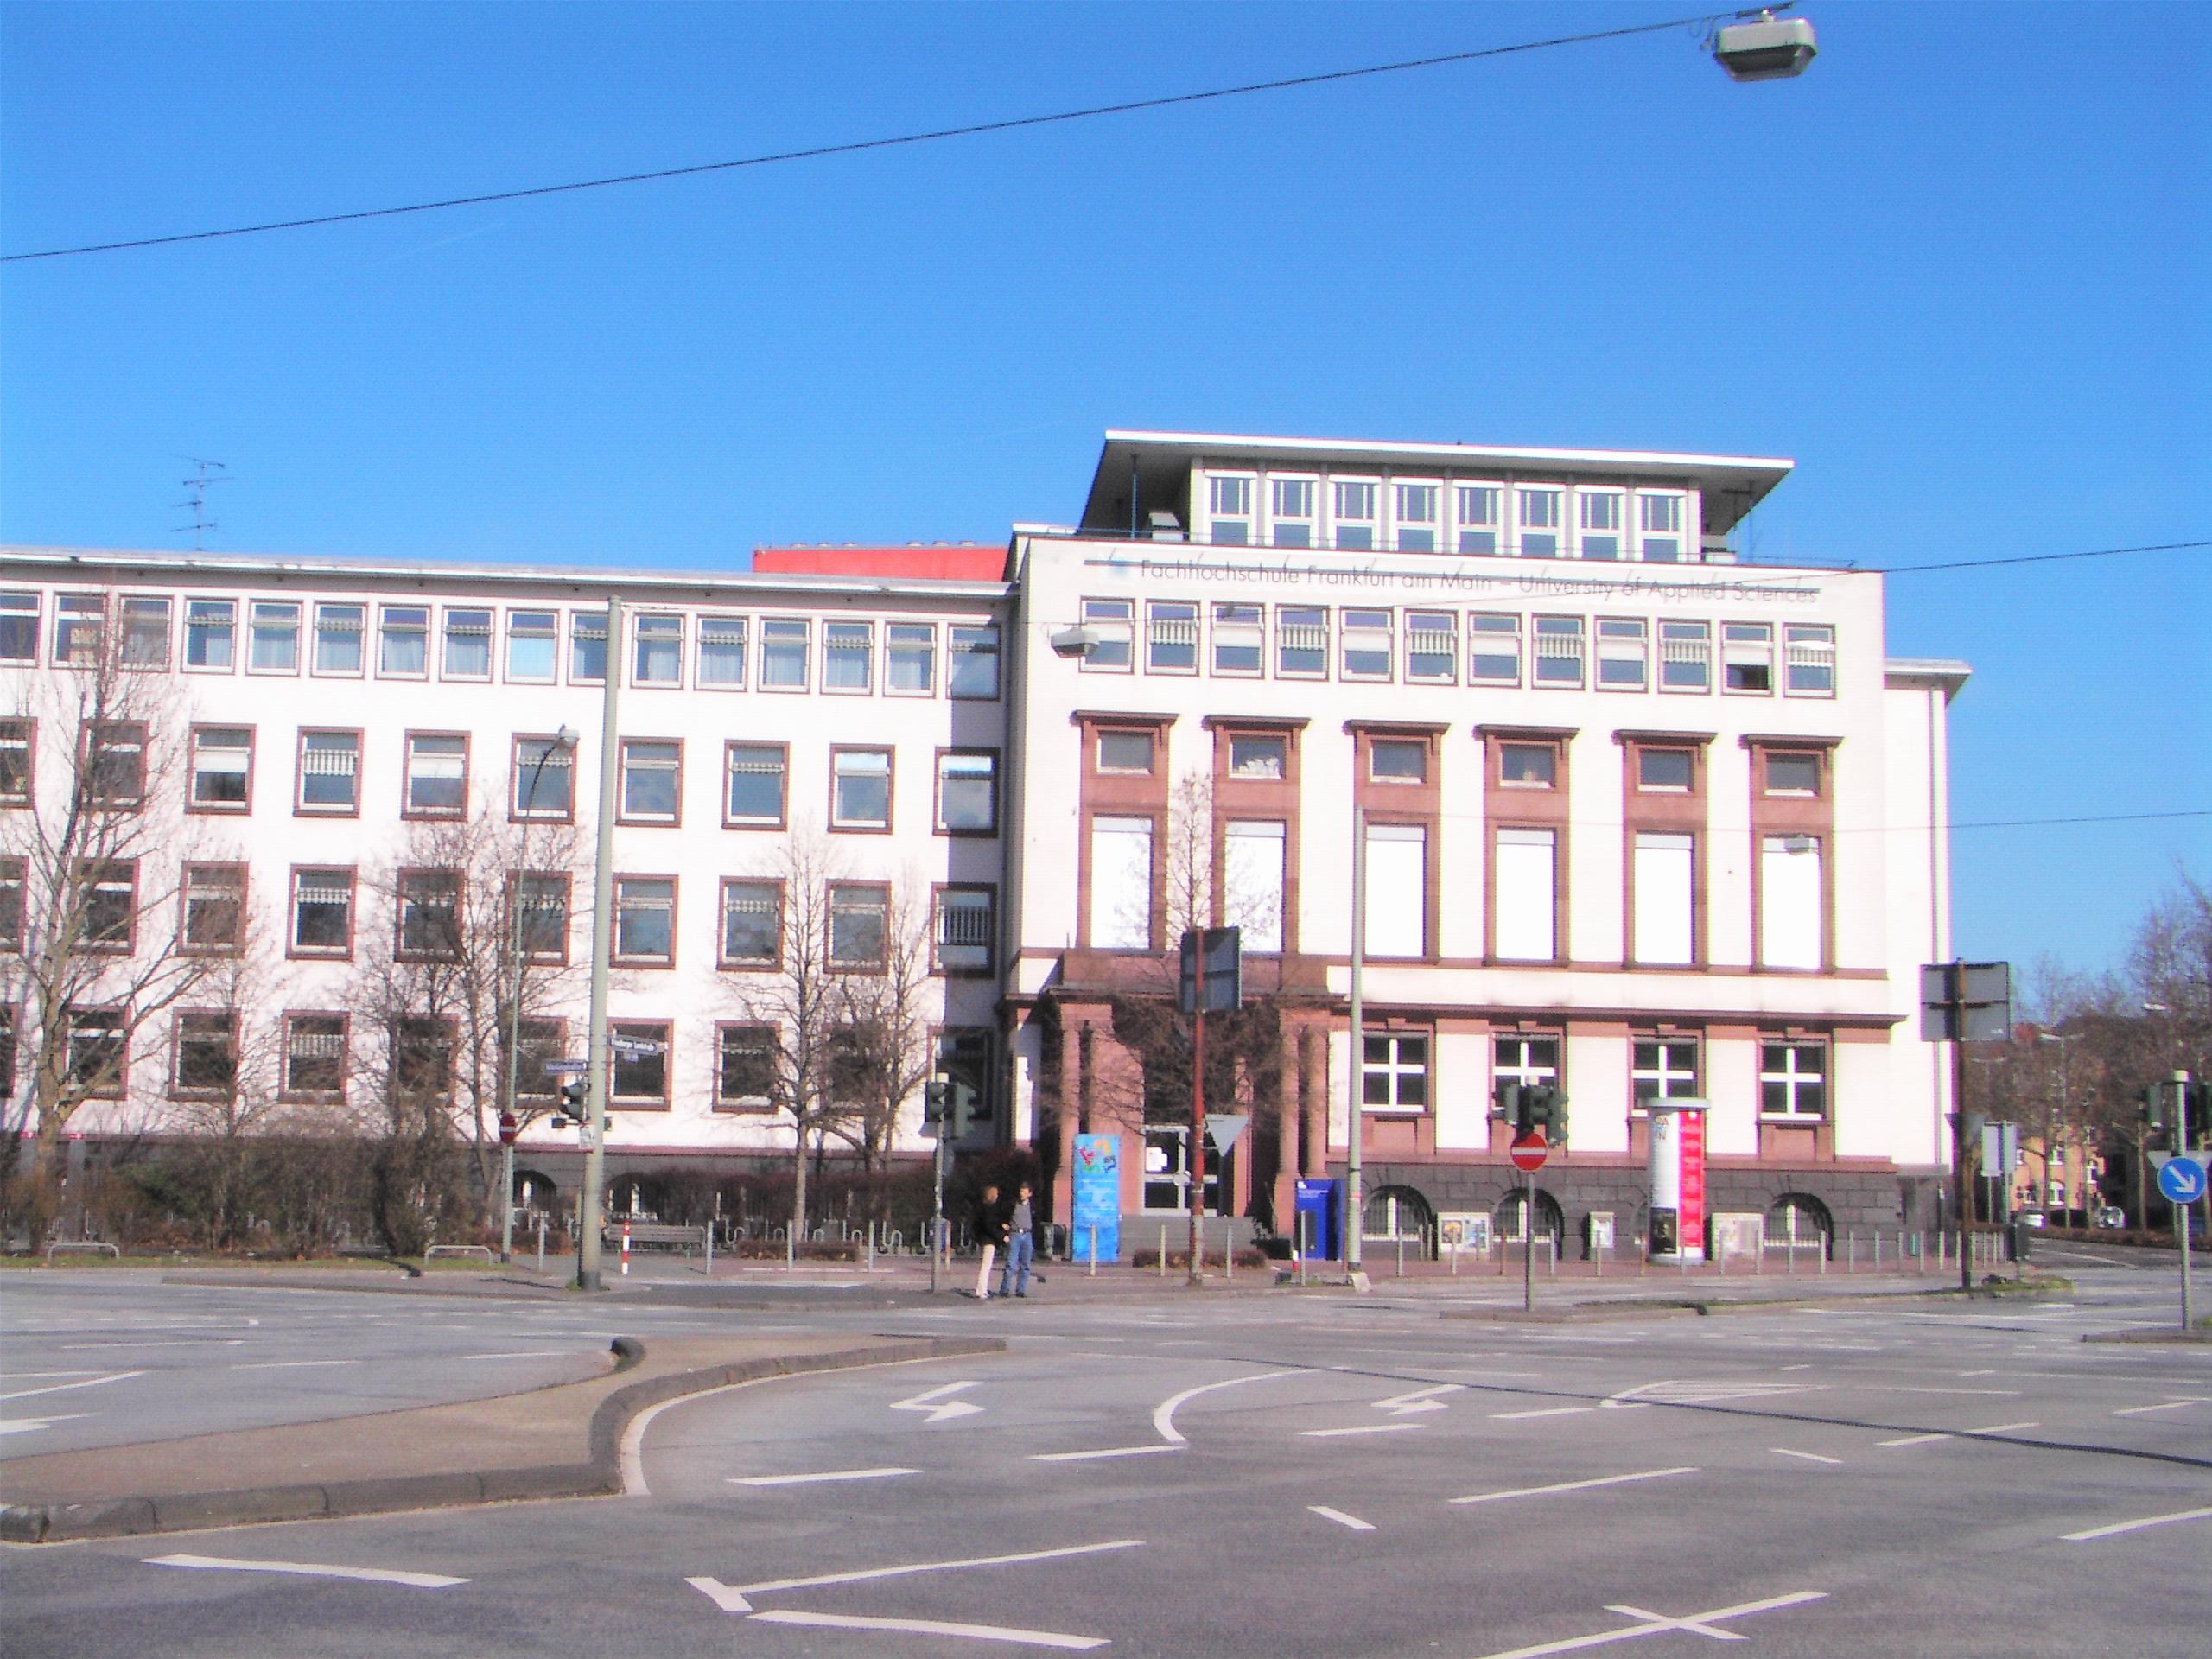 Semesterferien Fh Frankfurt